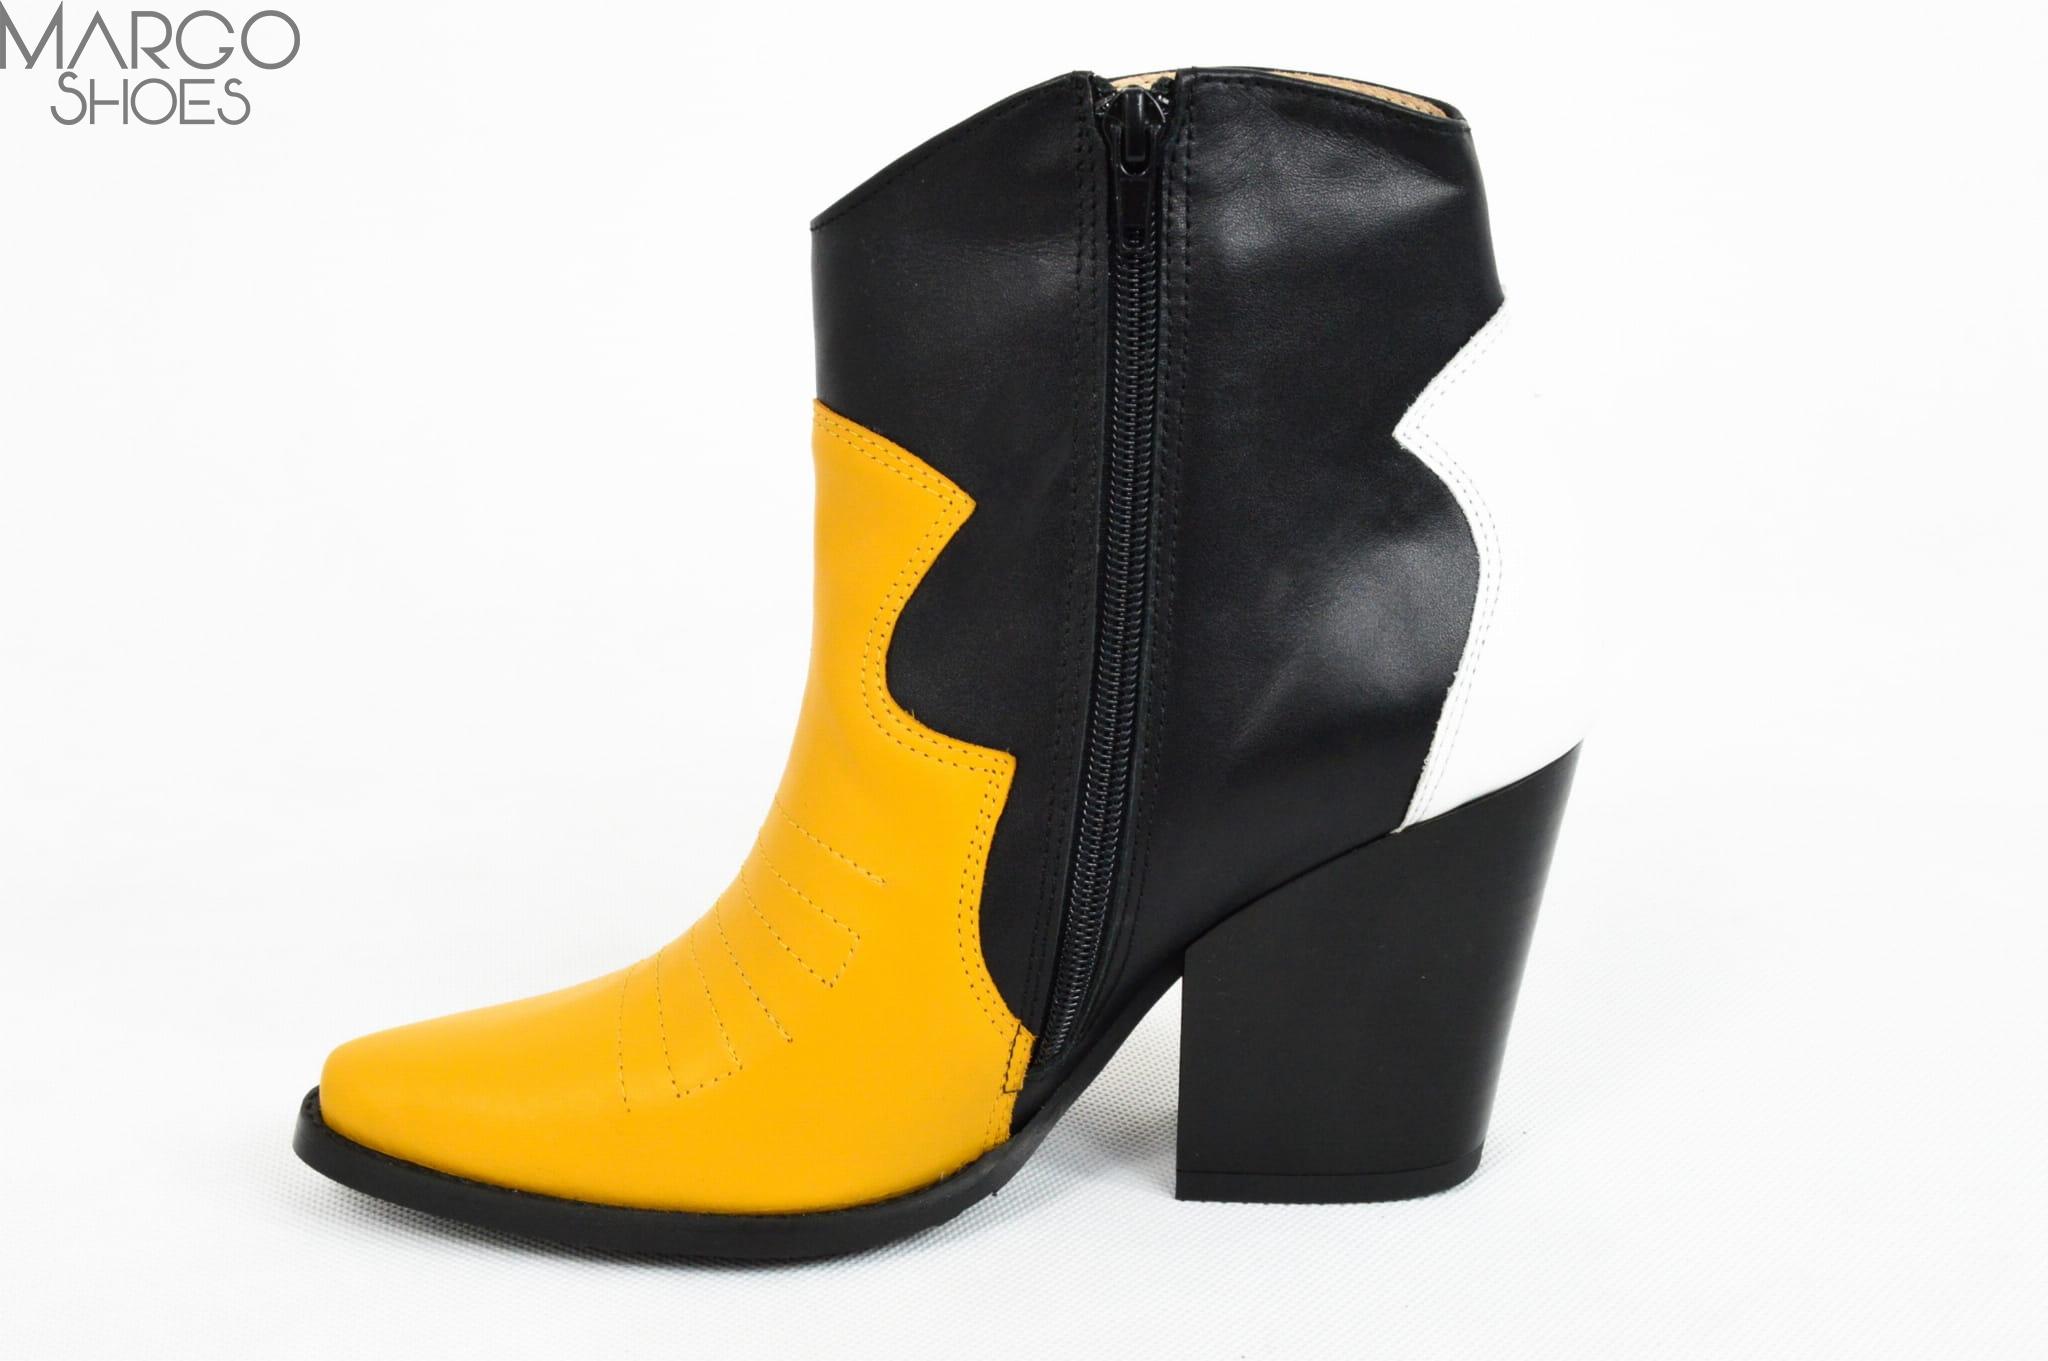 2eedfb7553452 MargoShoes skórzane botki kowbojki czarne biały żółte kolorowe ...